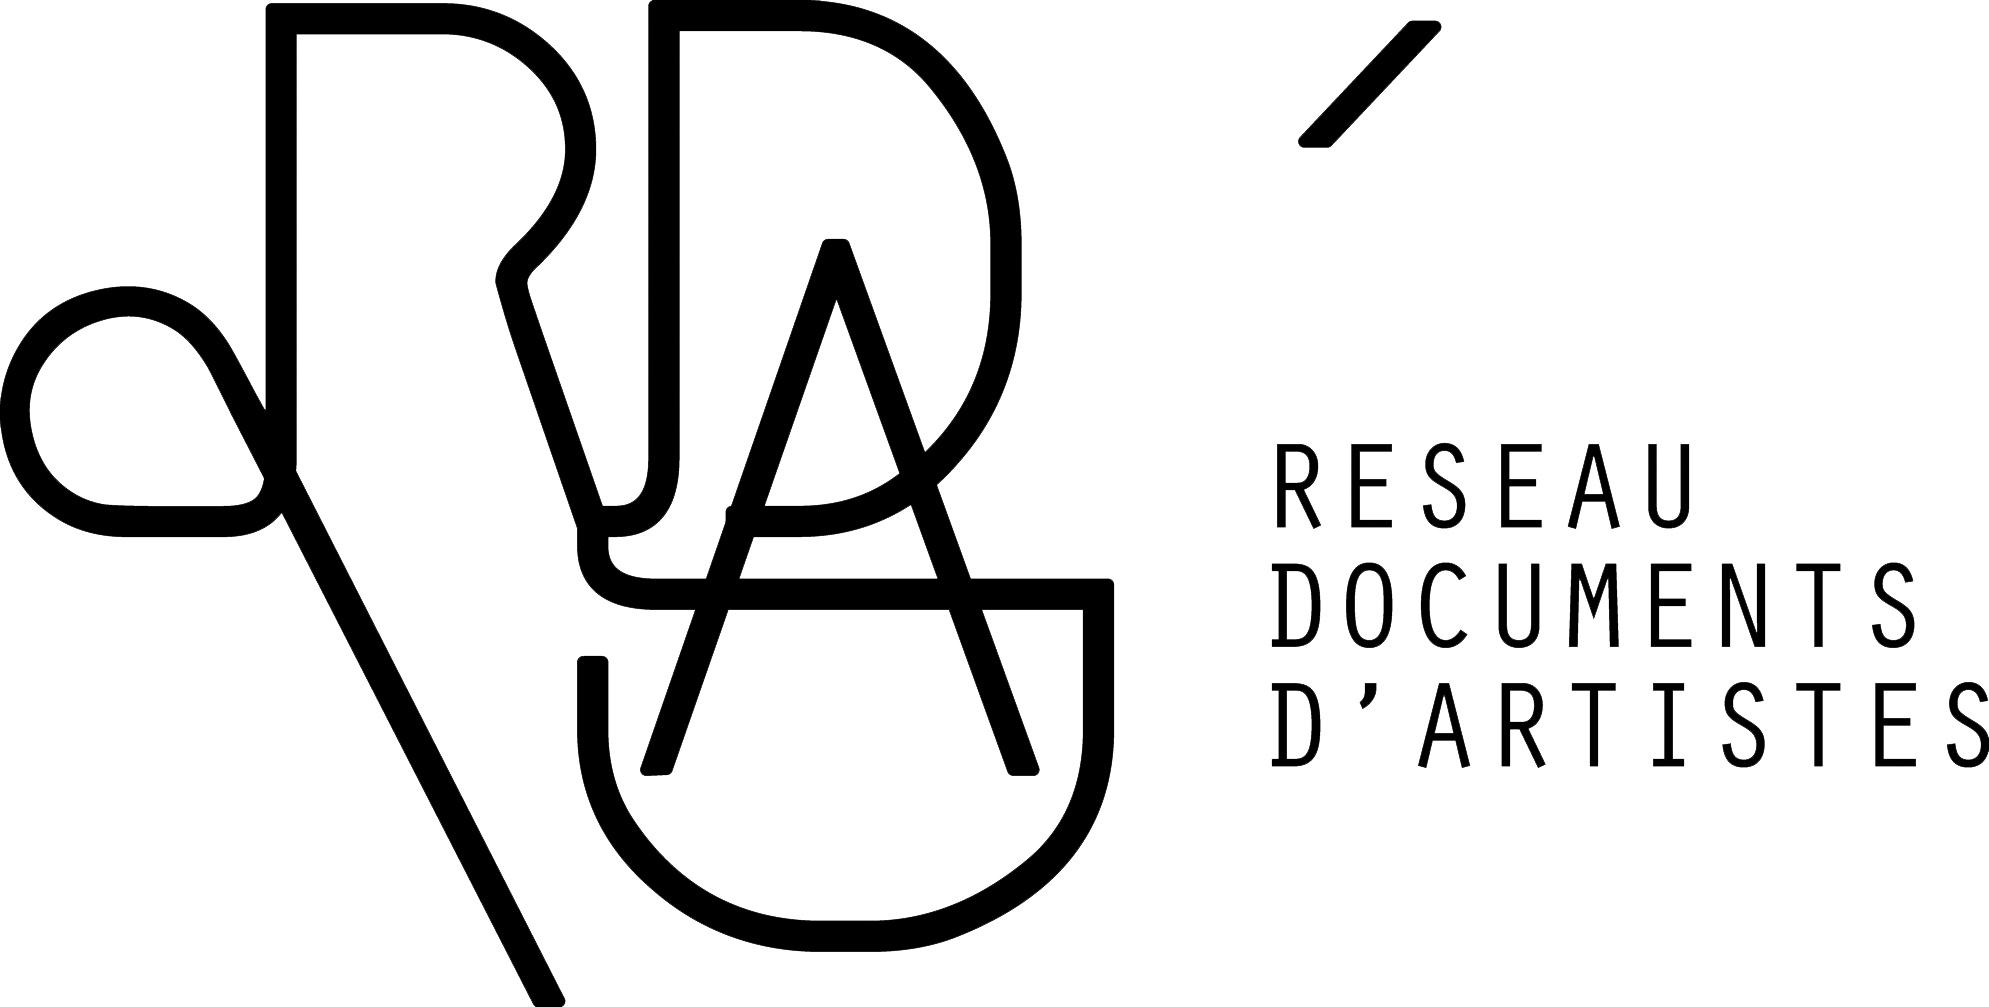 Réseau documents d'artistes